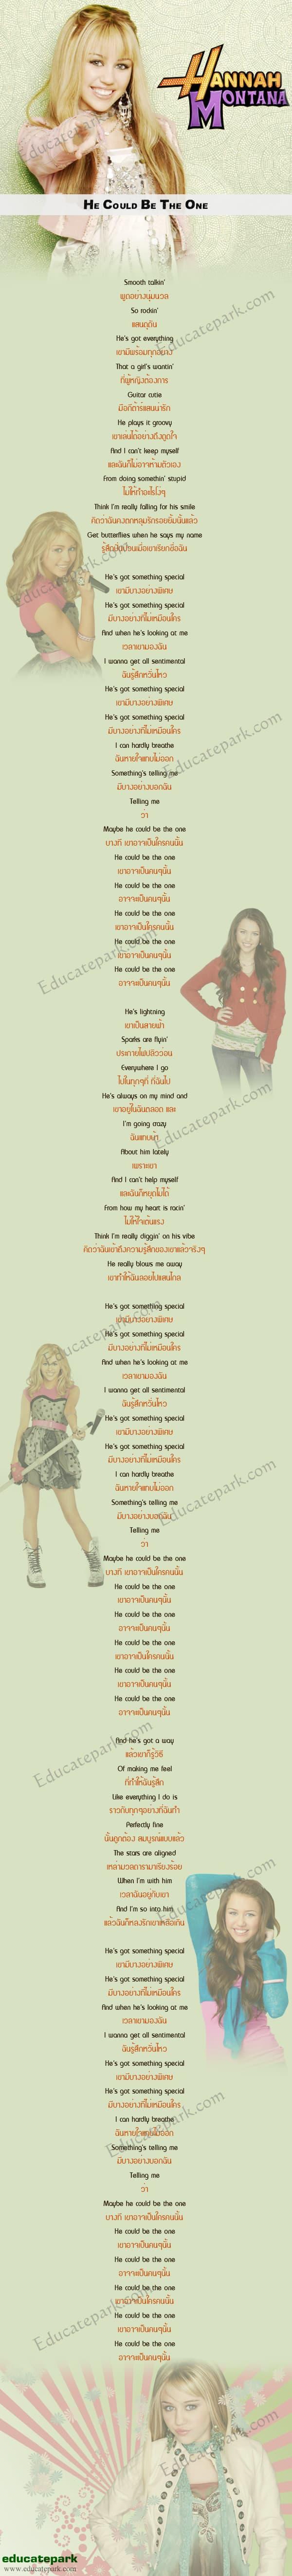 แปลเพลง He could be The One - Hannah Montana